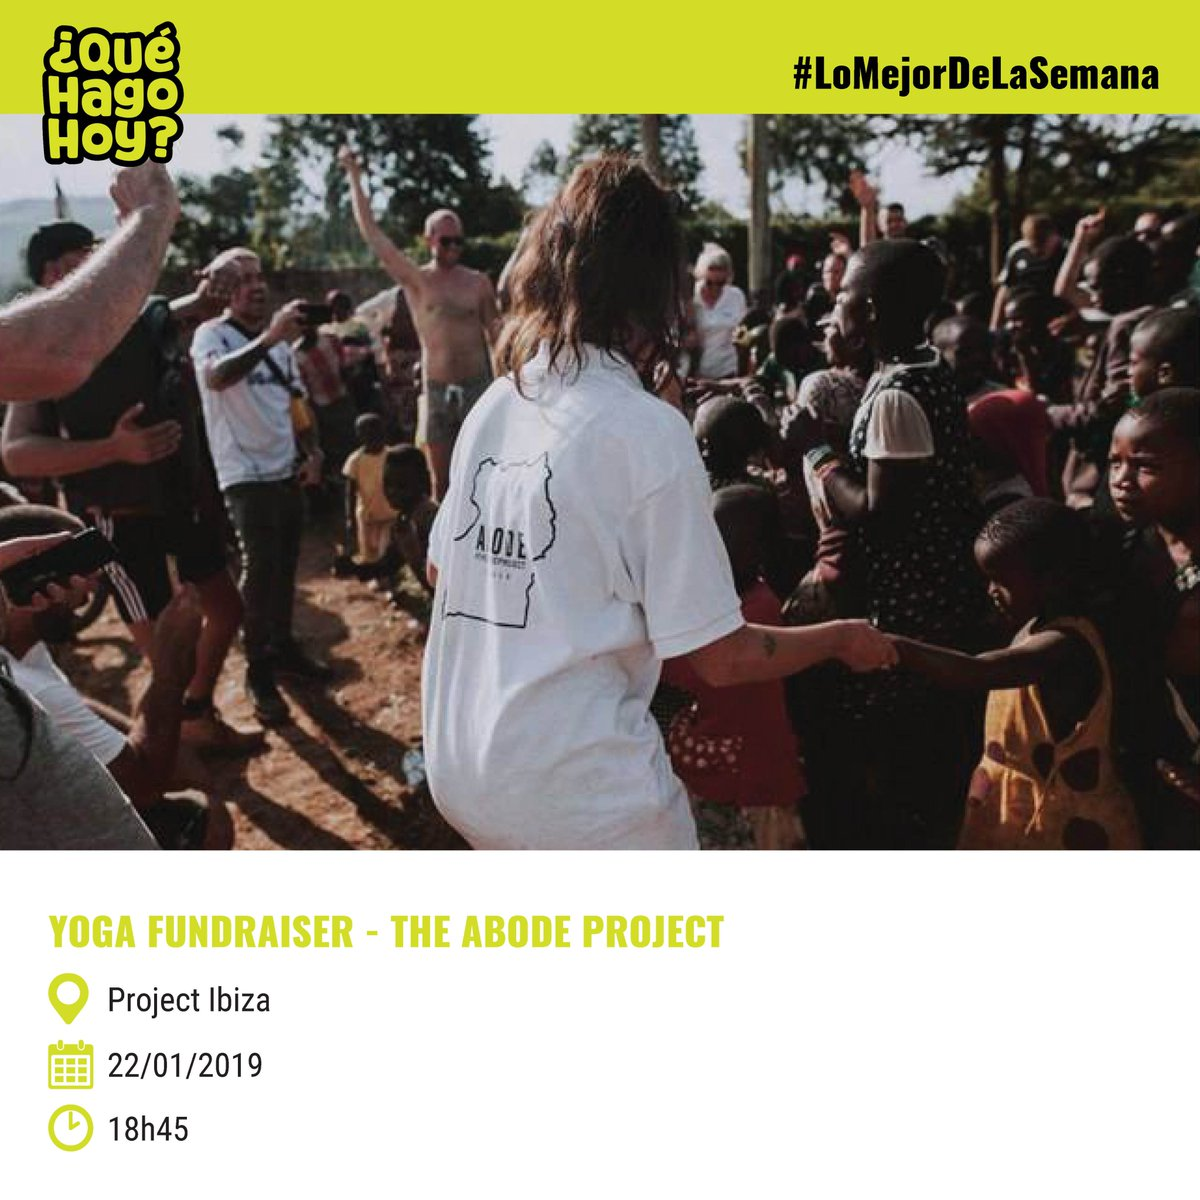 """#NoTePierdasNada ¿Qué vas a hacer mañana? @QueHagoHoyIbiza te propone visitar Project Ibiza y su evento #YogaFundraiser o asistir a la proyección de la película """"Muchos hijos, un mono y un castillo"""" en la sede de UIB. 🧐🎞️👫  #Ibiza #film #film #yogalife #fundraising"""